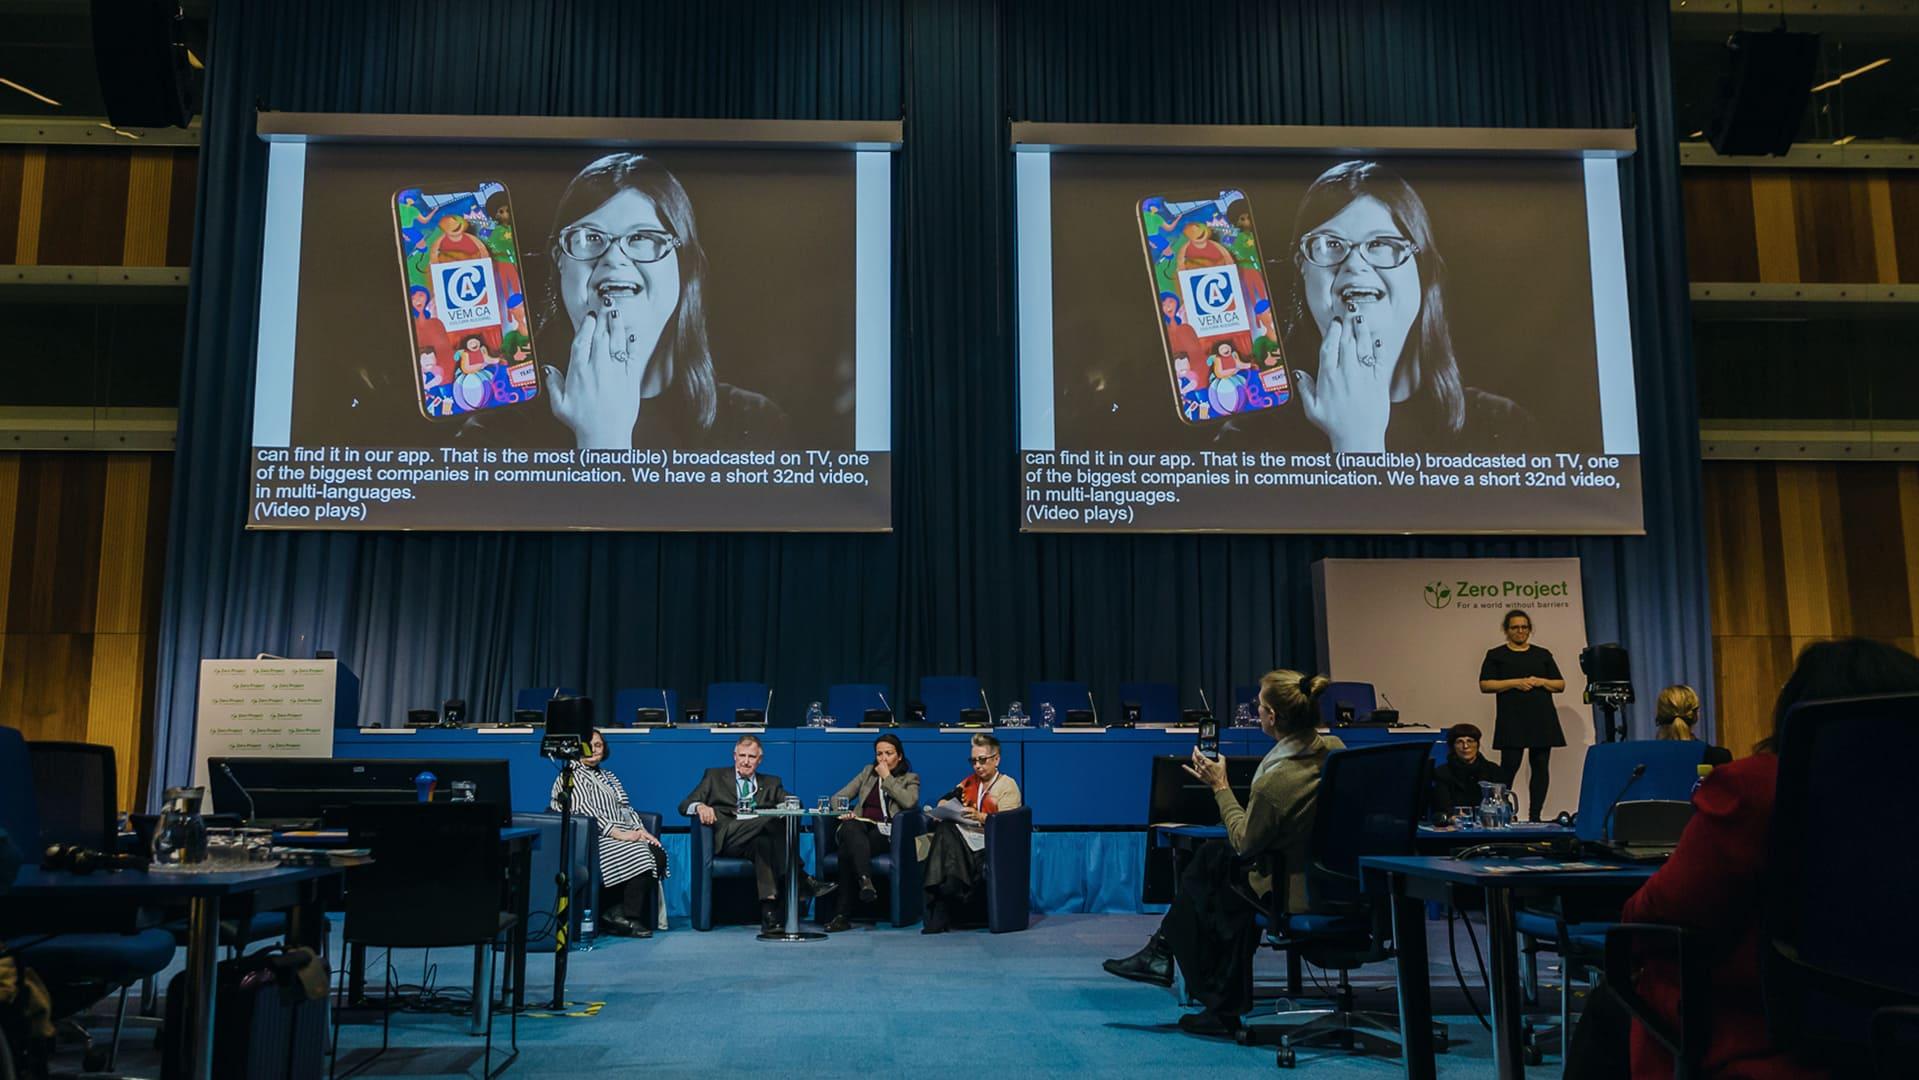 """Fotografia em auditório da ONU, descrita na legenda, ilustrando matéria """"VEM CÁ e Hiperconexão Inclusiva rumo aos Objetivos de Desenvolvimento Sustentável""""."""